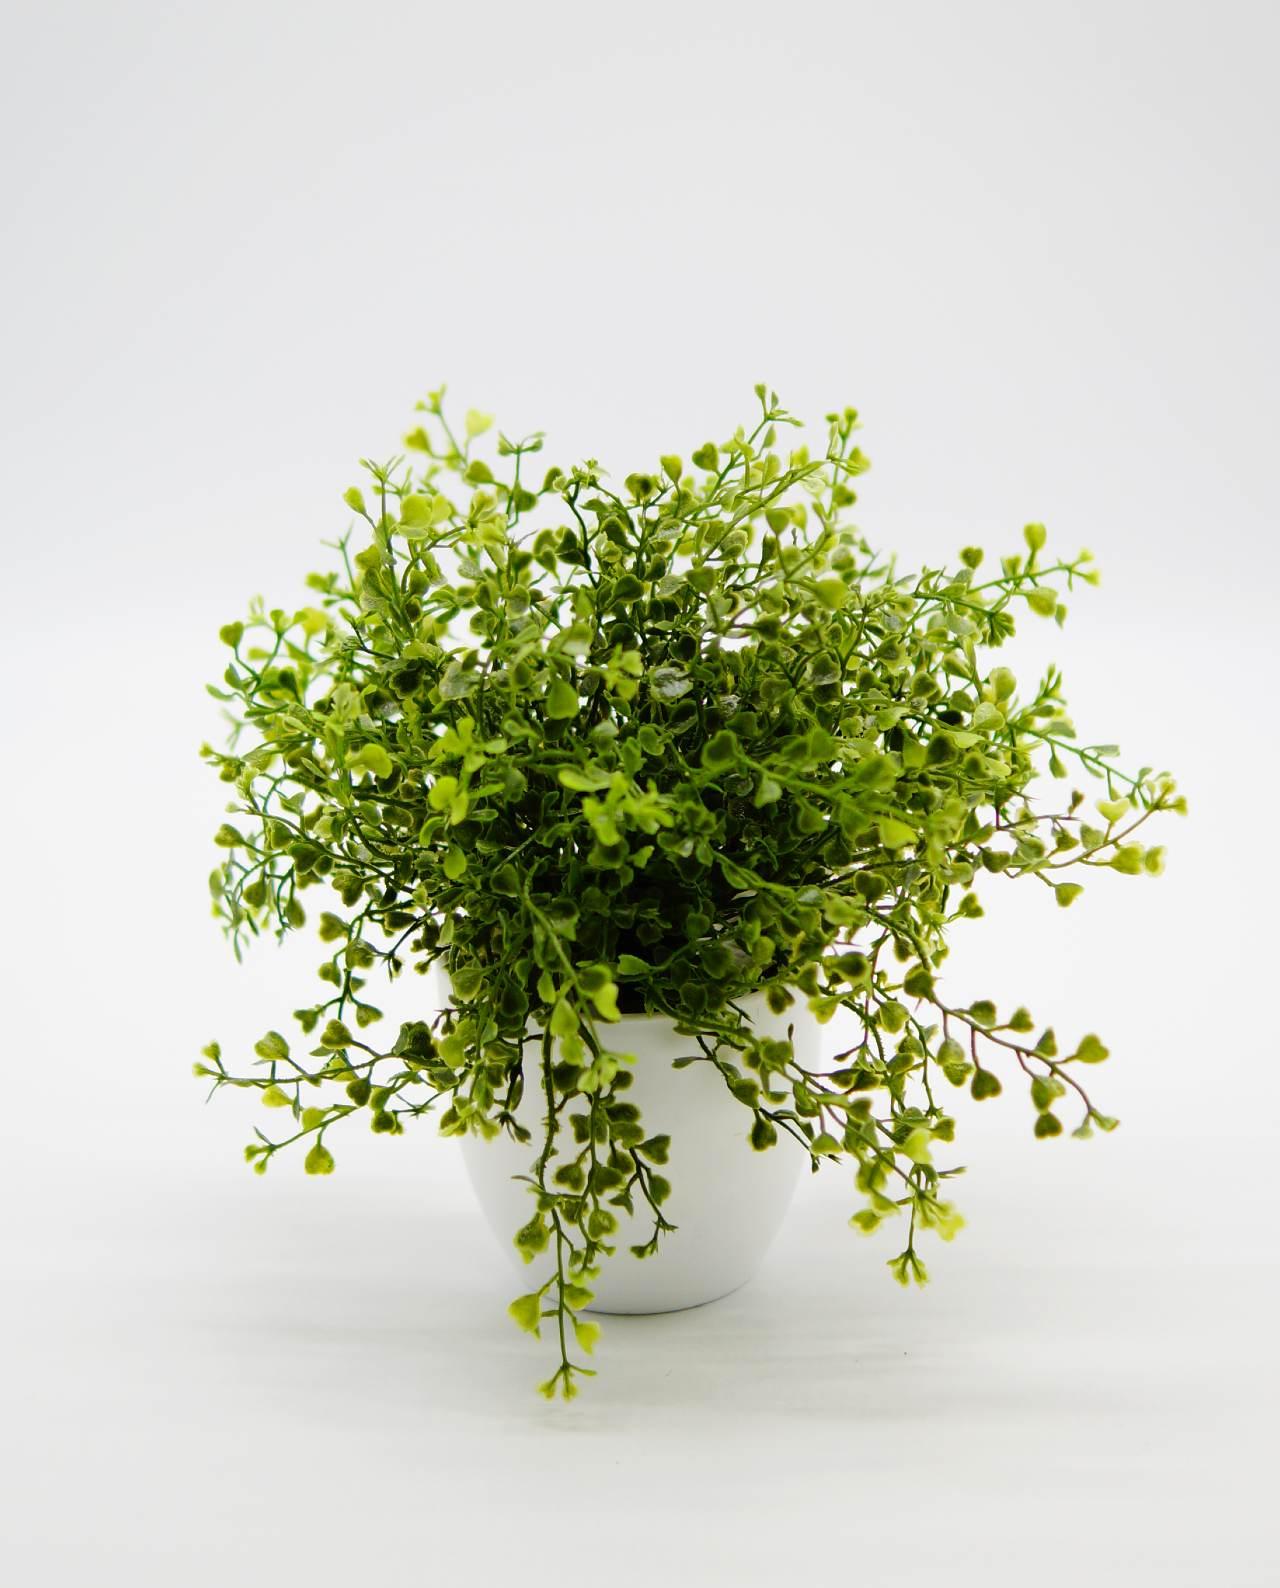 Τεχνητό φυτό σε άσπρο γλαστράκι ύψους 25 cm